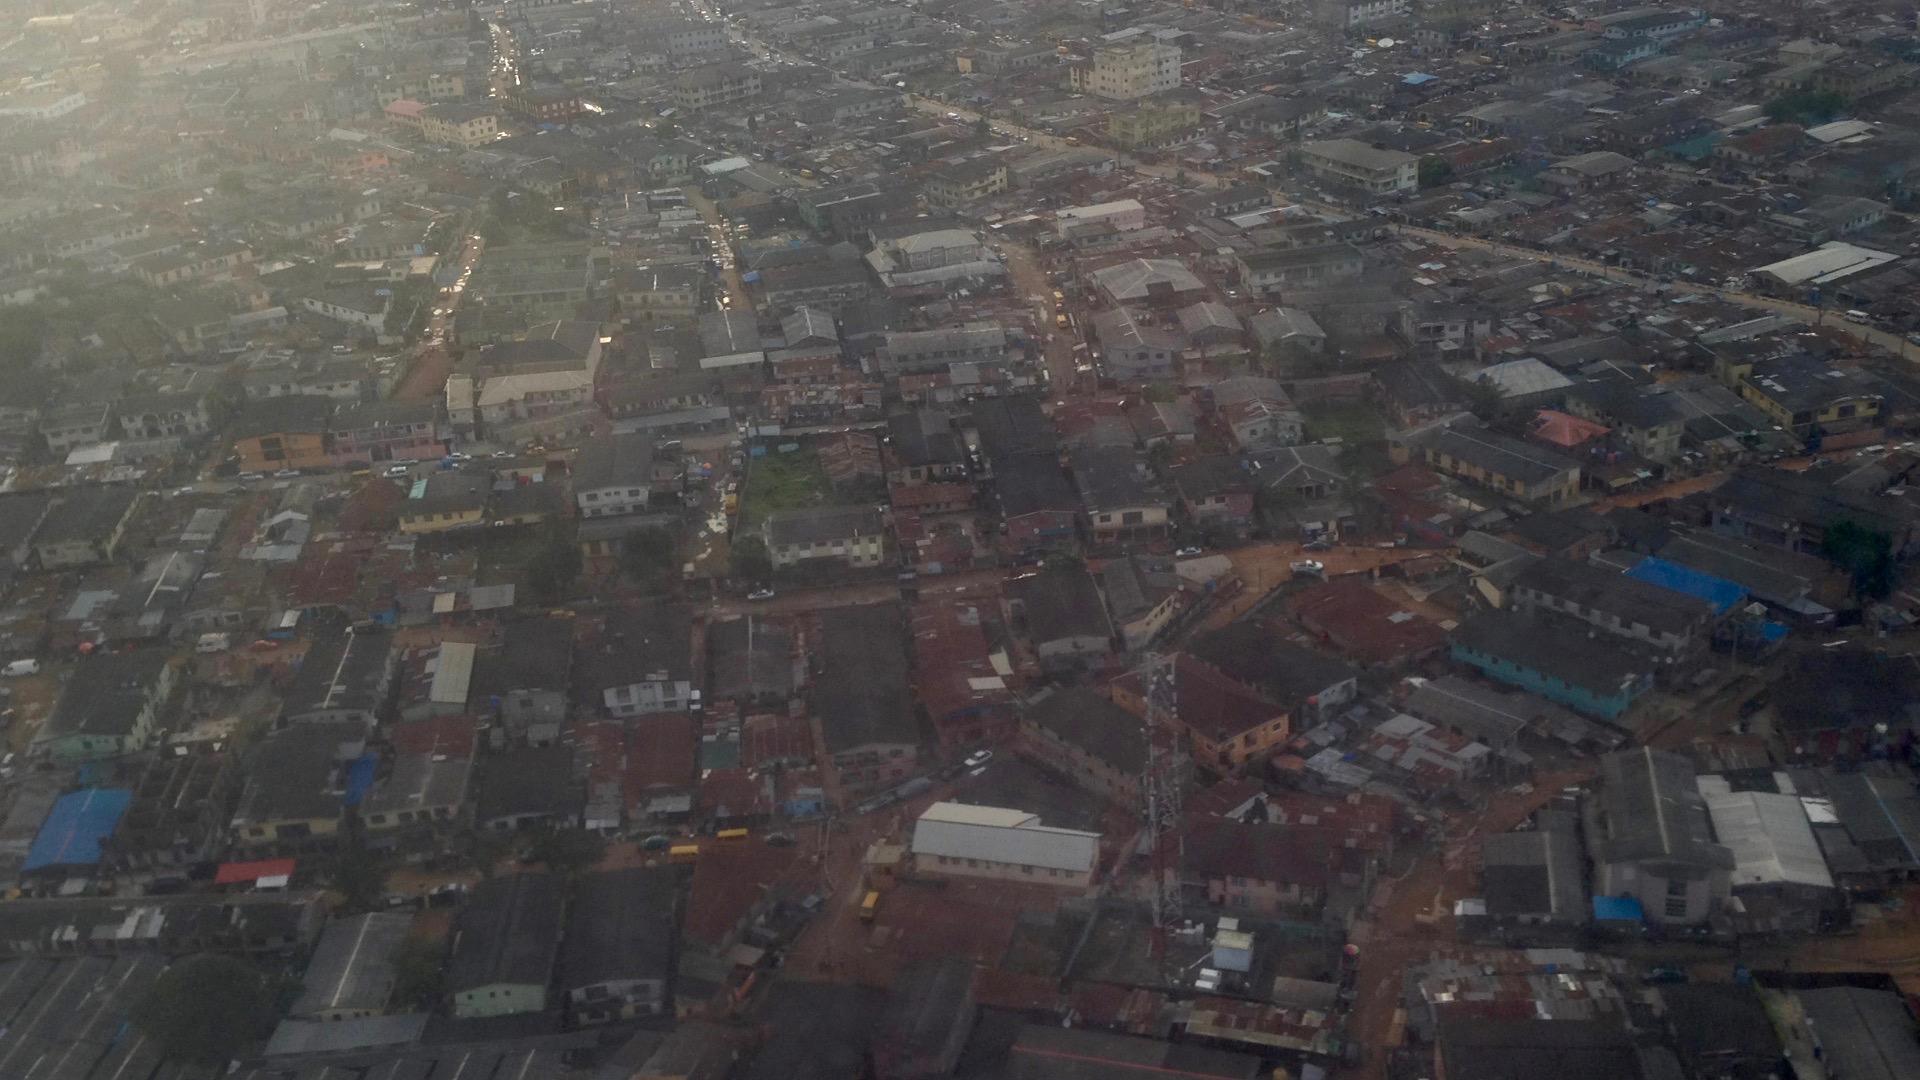 Aerial shot of Agege, Lagos, Nigeria.